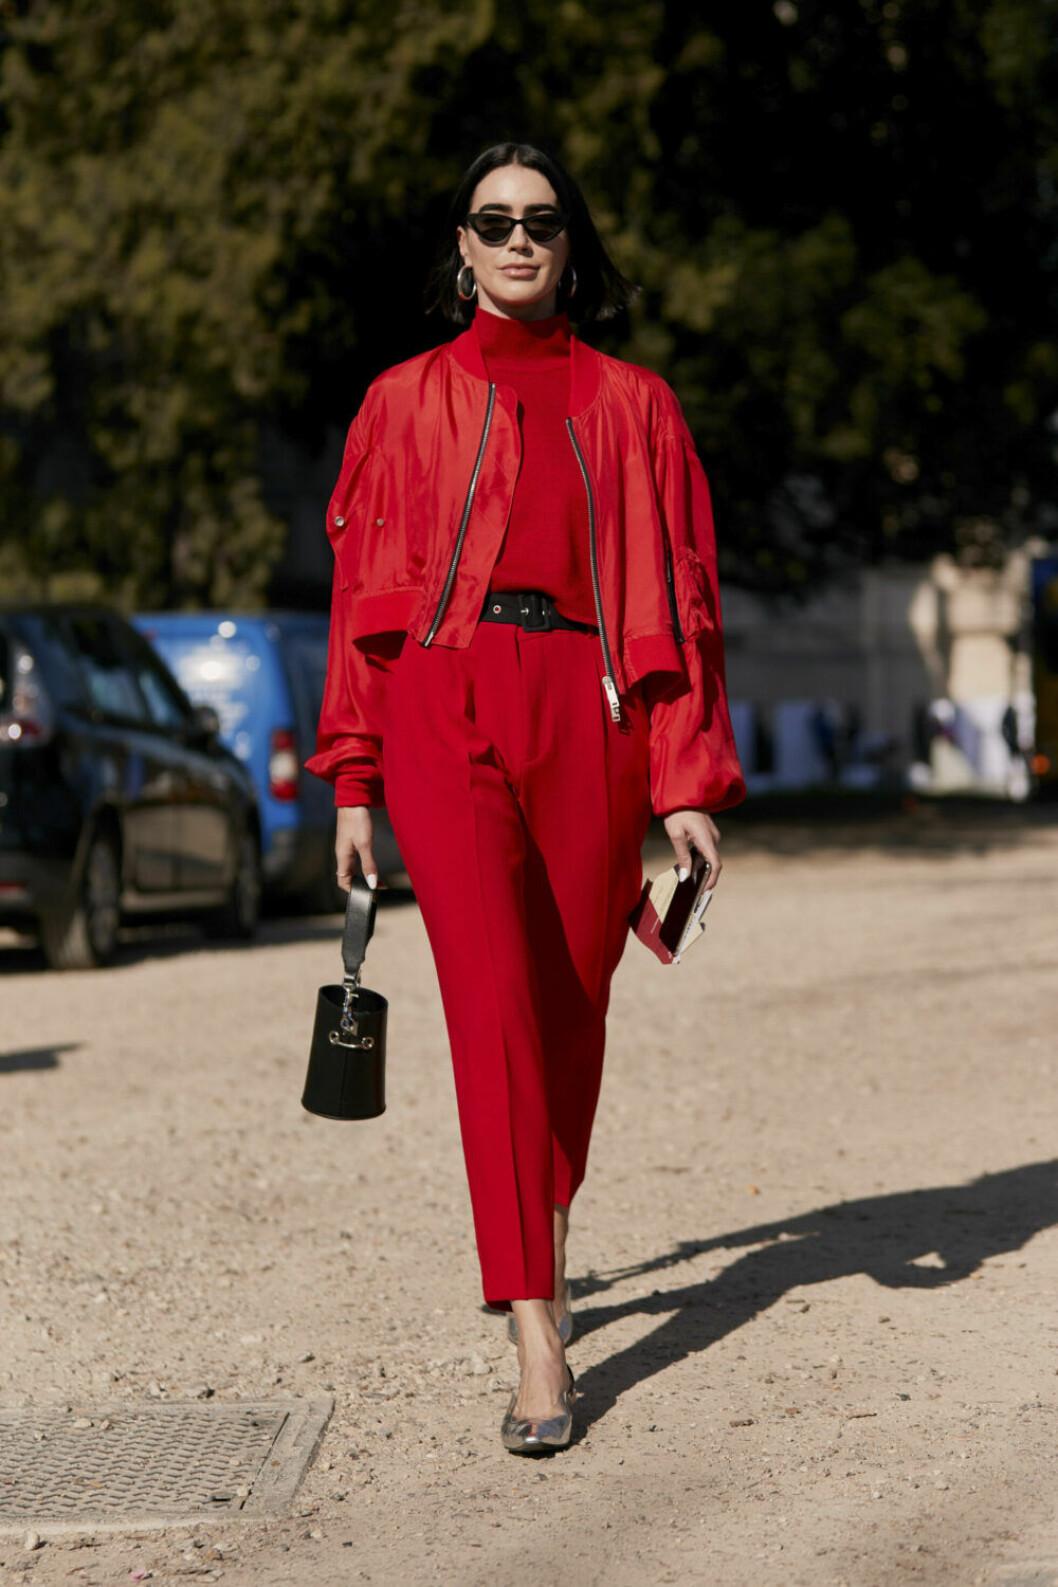 Streetstyle Paris FW, röd look med svarta detaljer.